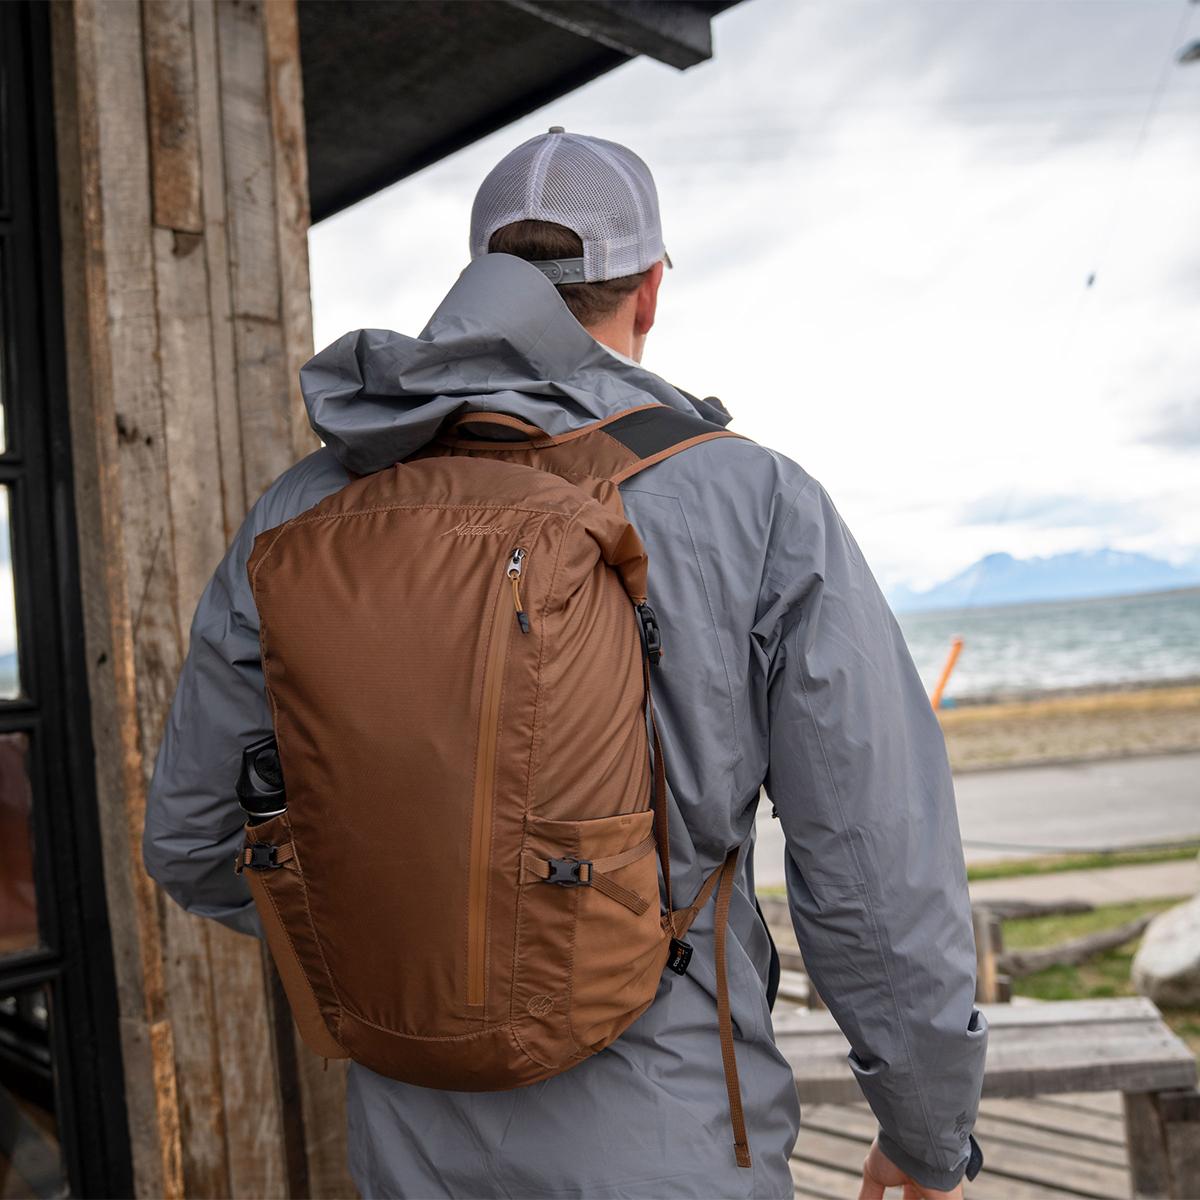 広げれば、24リットル(1Lのペットボトル24本分)もの大容量。旅先で上着や土産物など荷物をたっぷり詰め込めるバックパック|Matador Freerain24 2.0